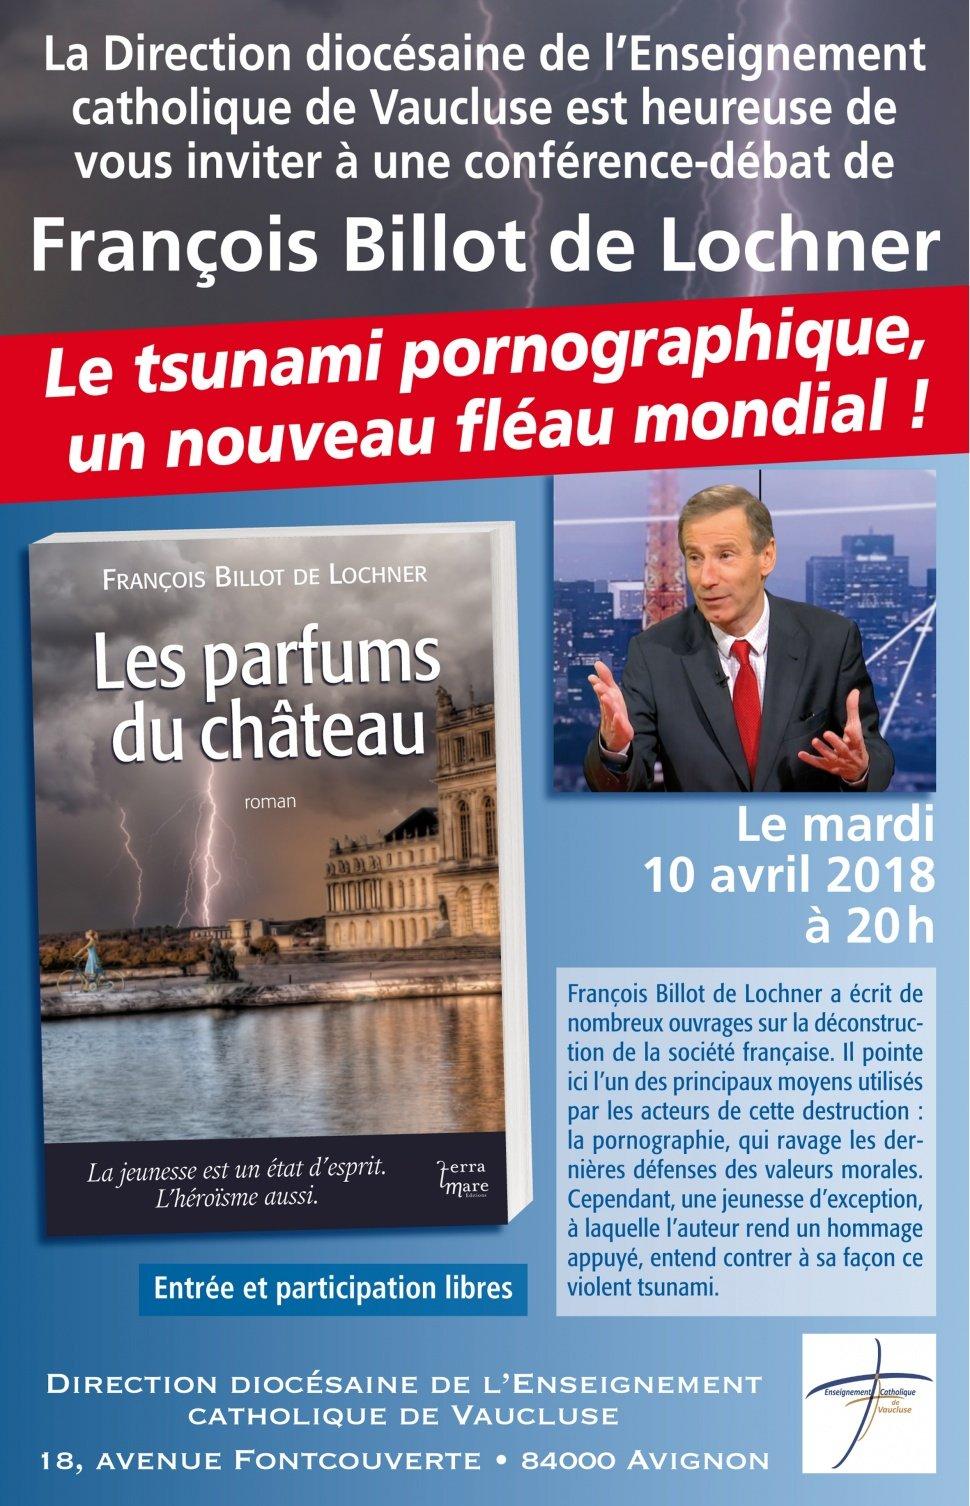 «Tsunami pornographique le nouveau fléau des jeunes!» – Conférence de François Billot de Lochner le 10 avril à Avignon (84)